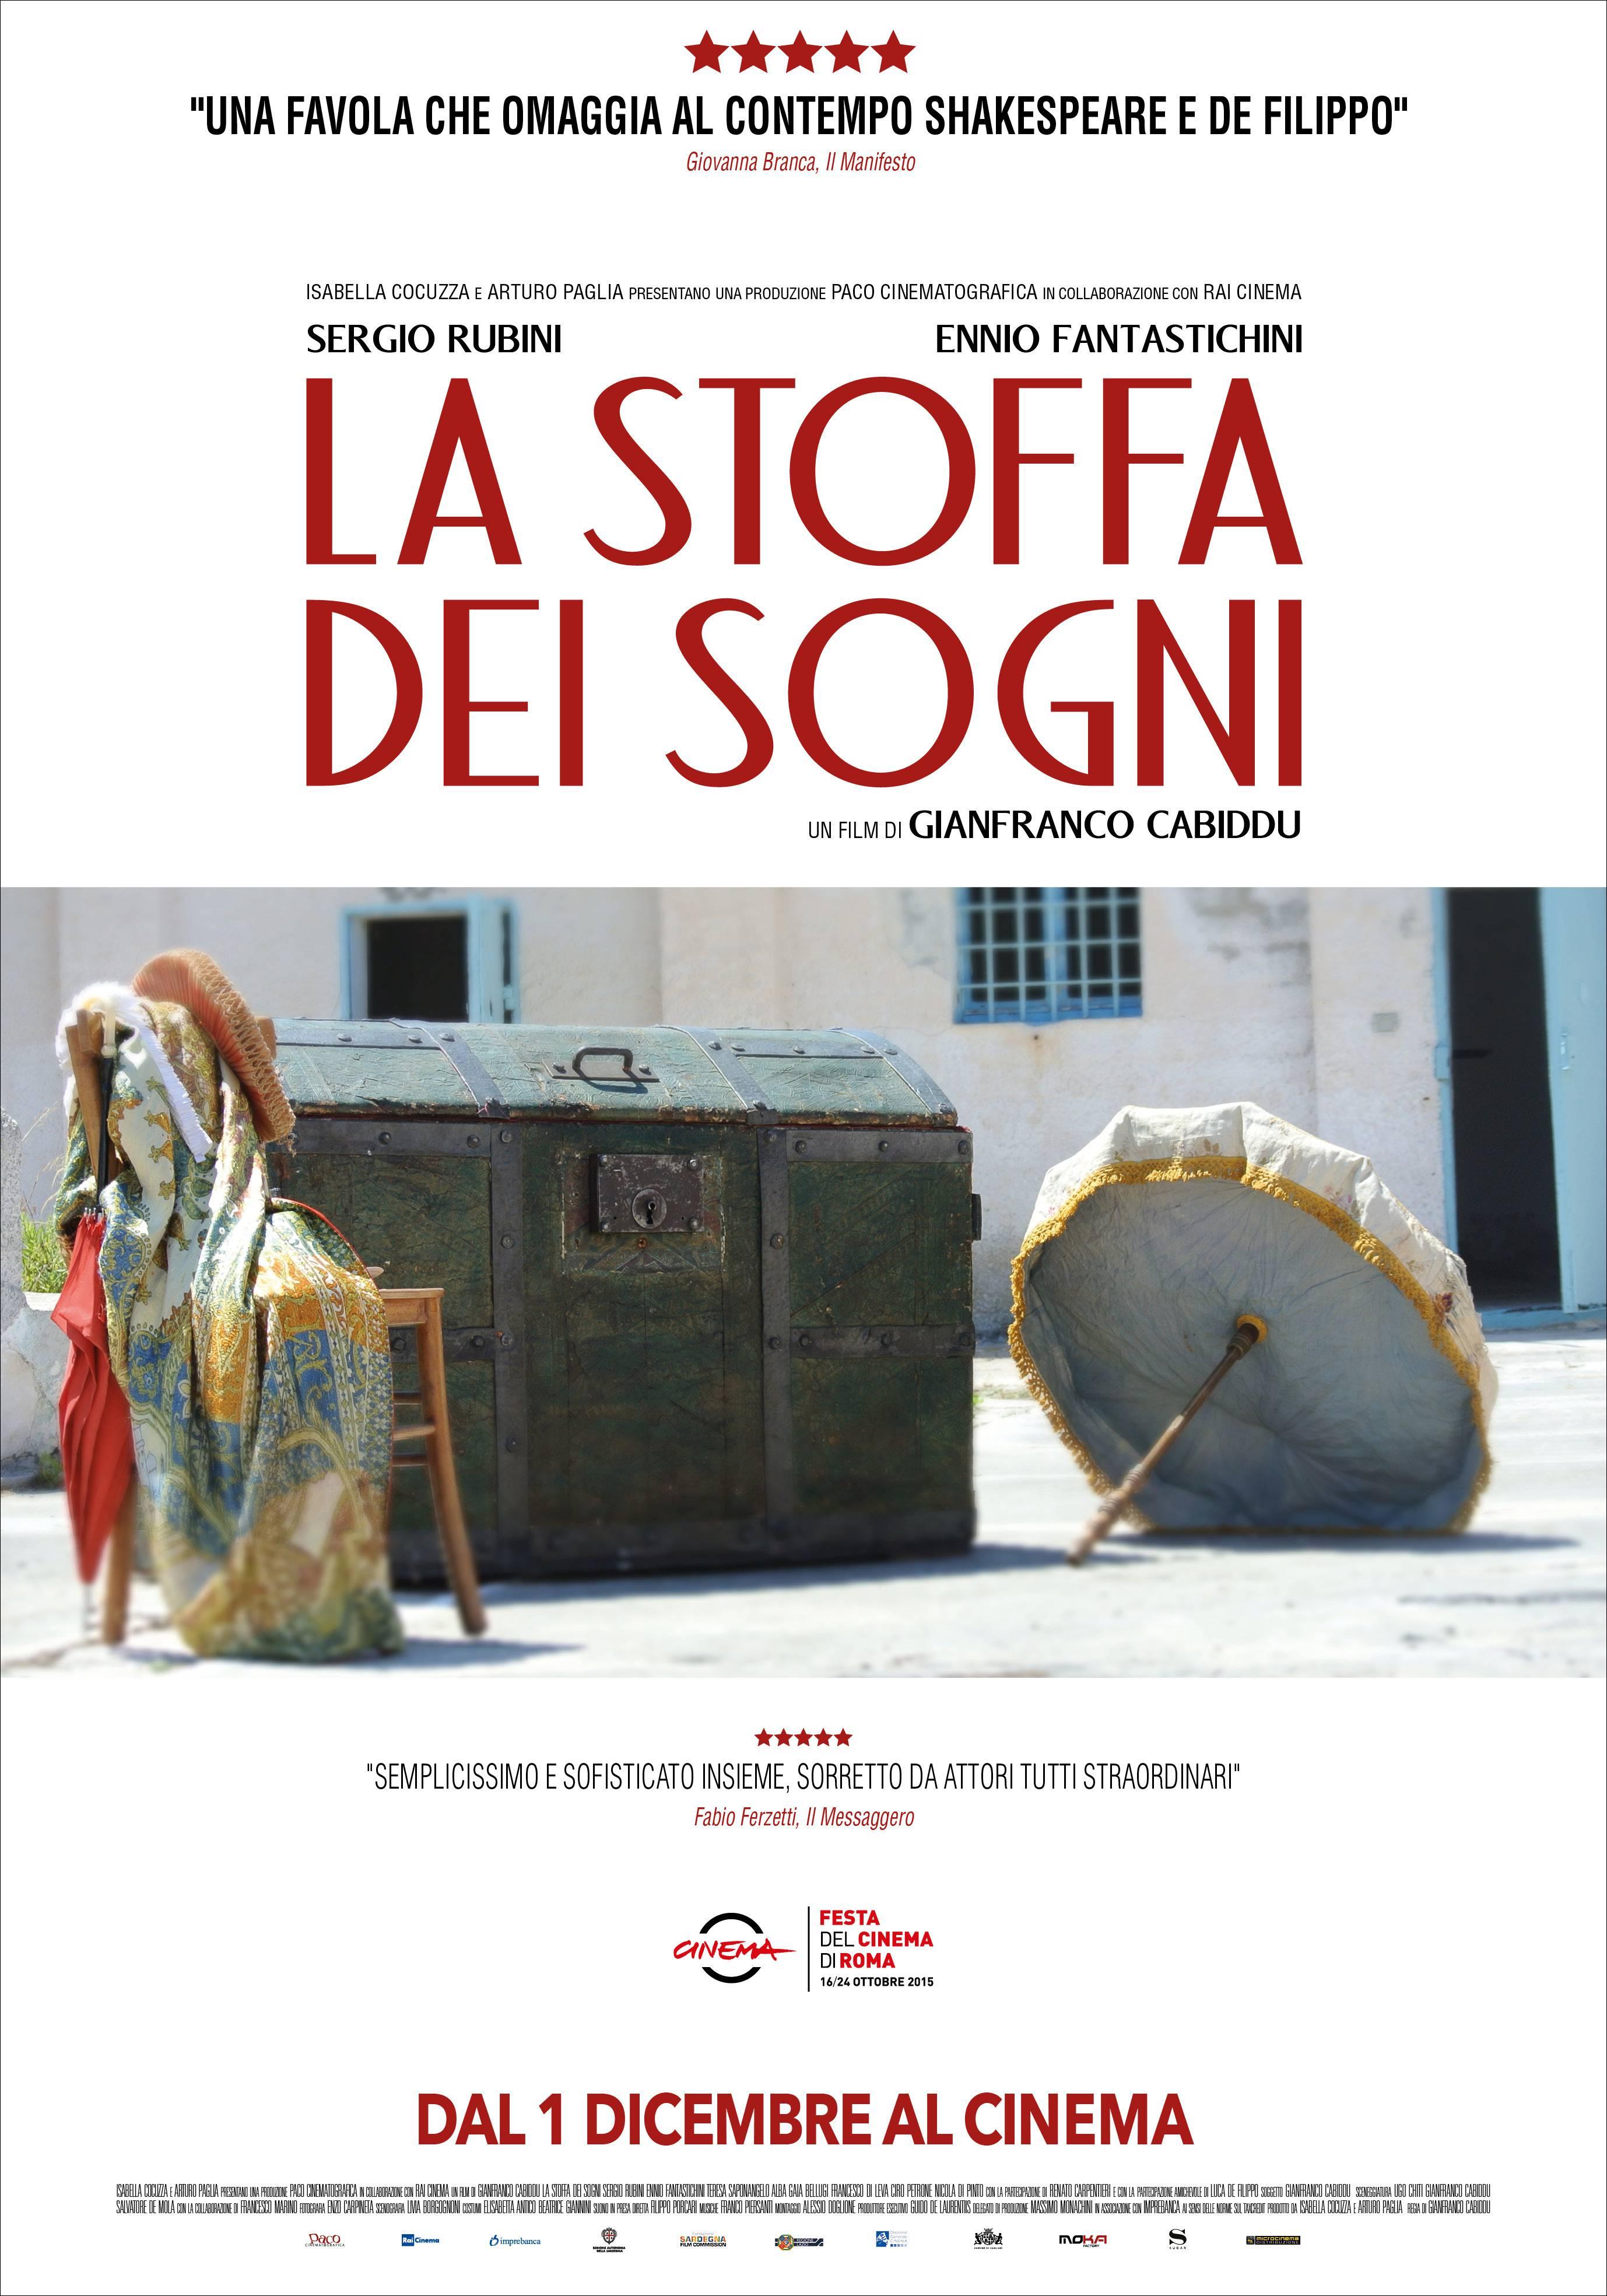 Stoffa traduzione italiano